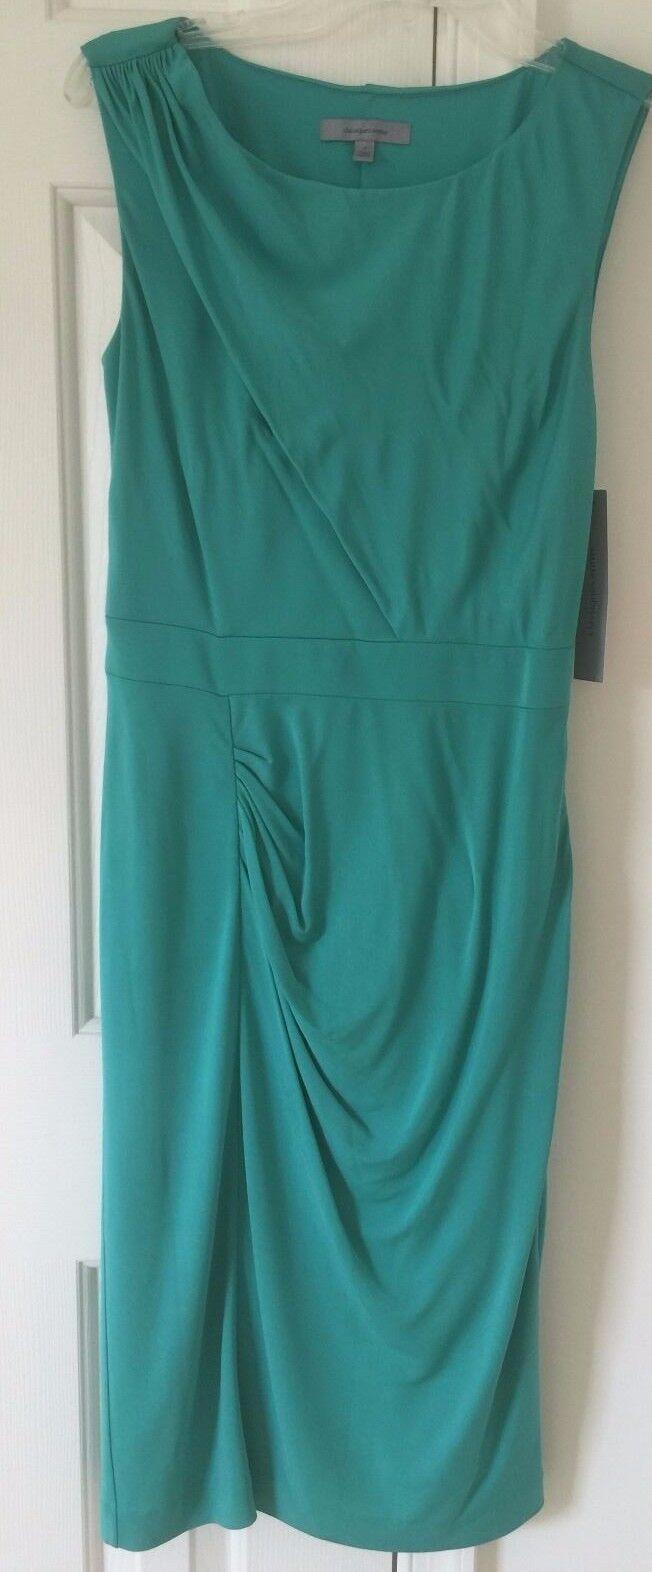 NWT  Classiques Entier off shoulder Grün stretch sheath dress Knee-Length 8